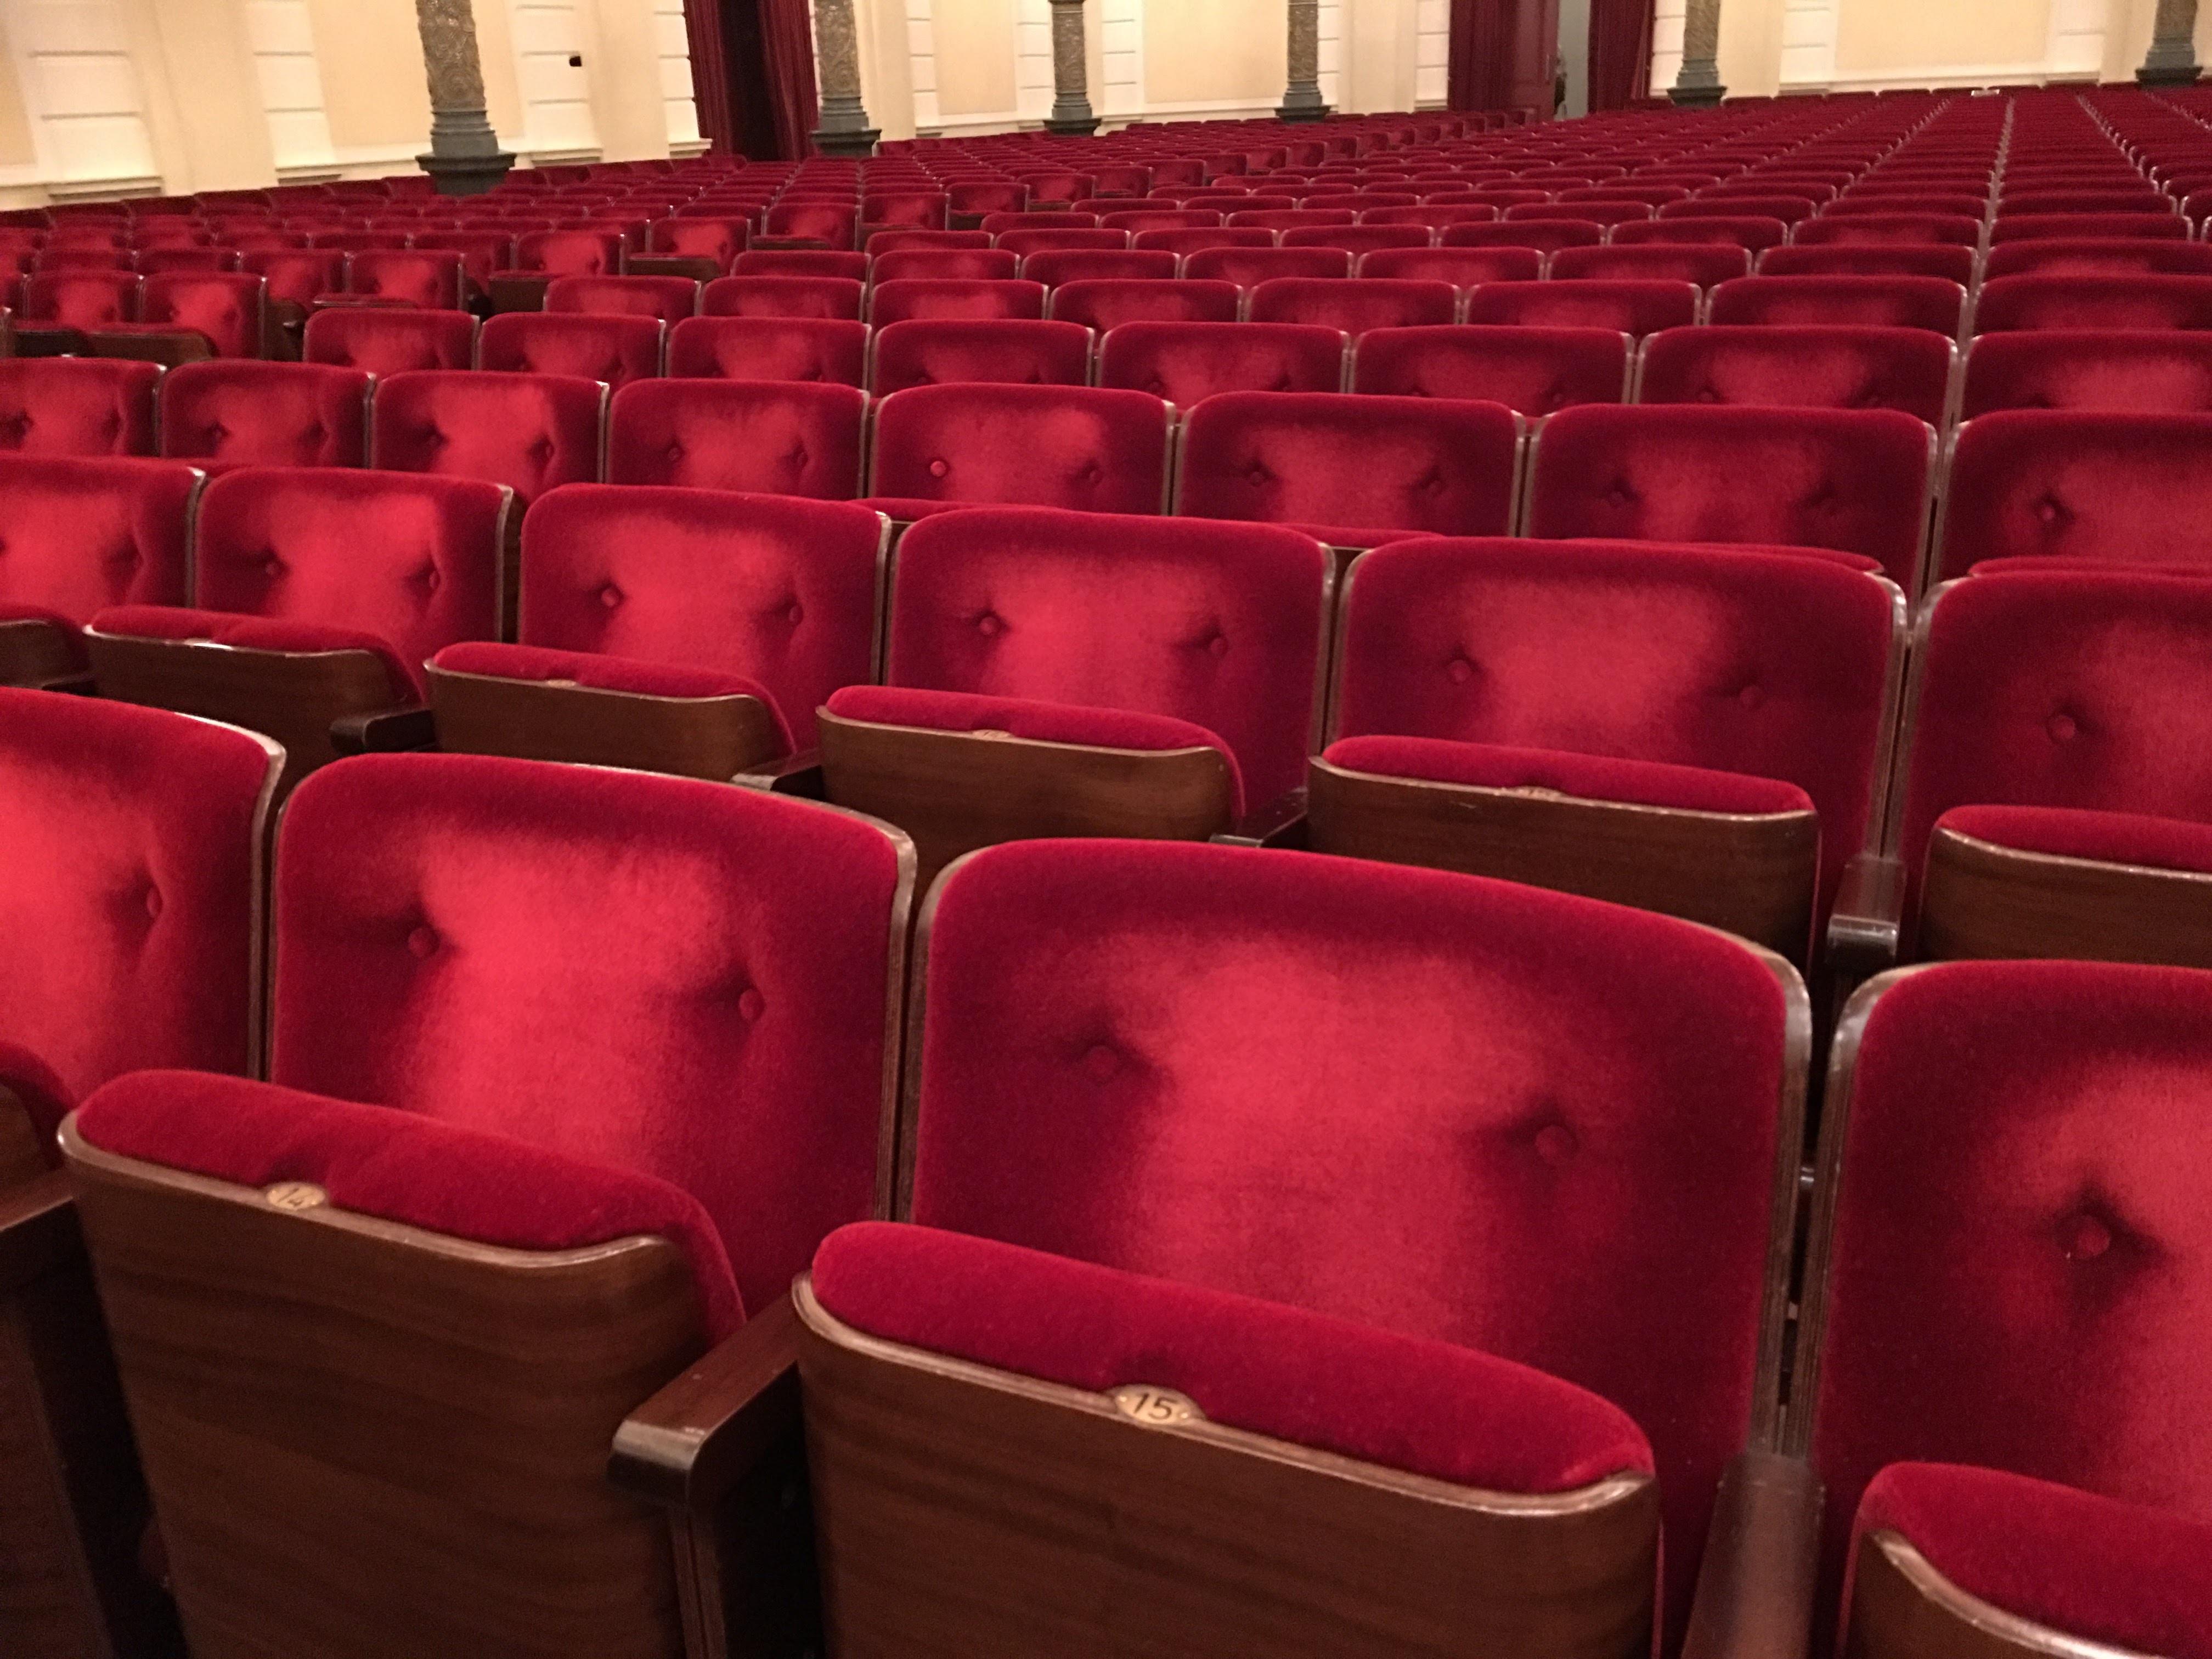 Teatro Le Sedie.Immagini Belle Auditorium Sedia Sede Concerto Rosso